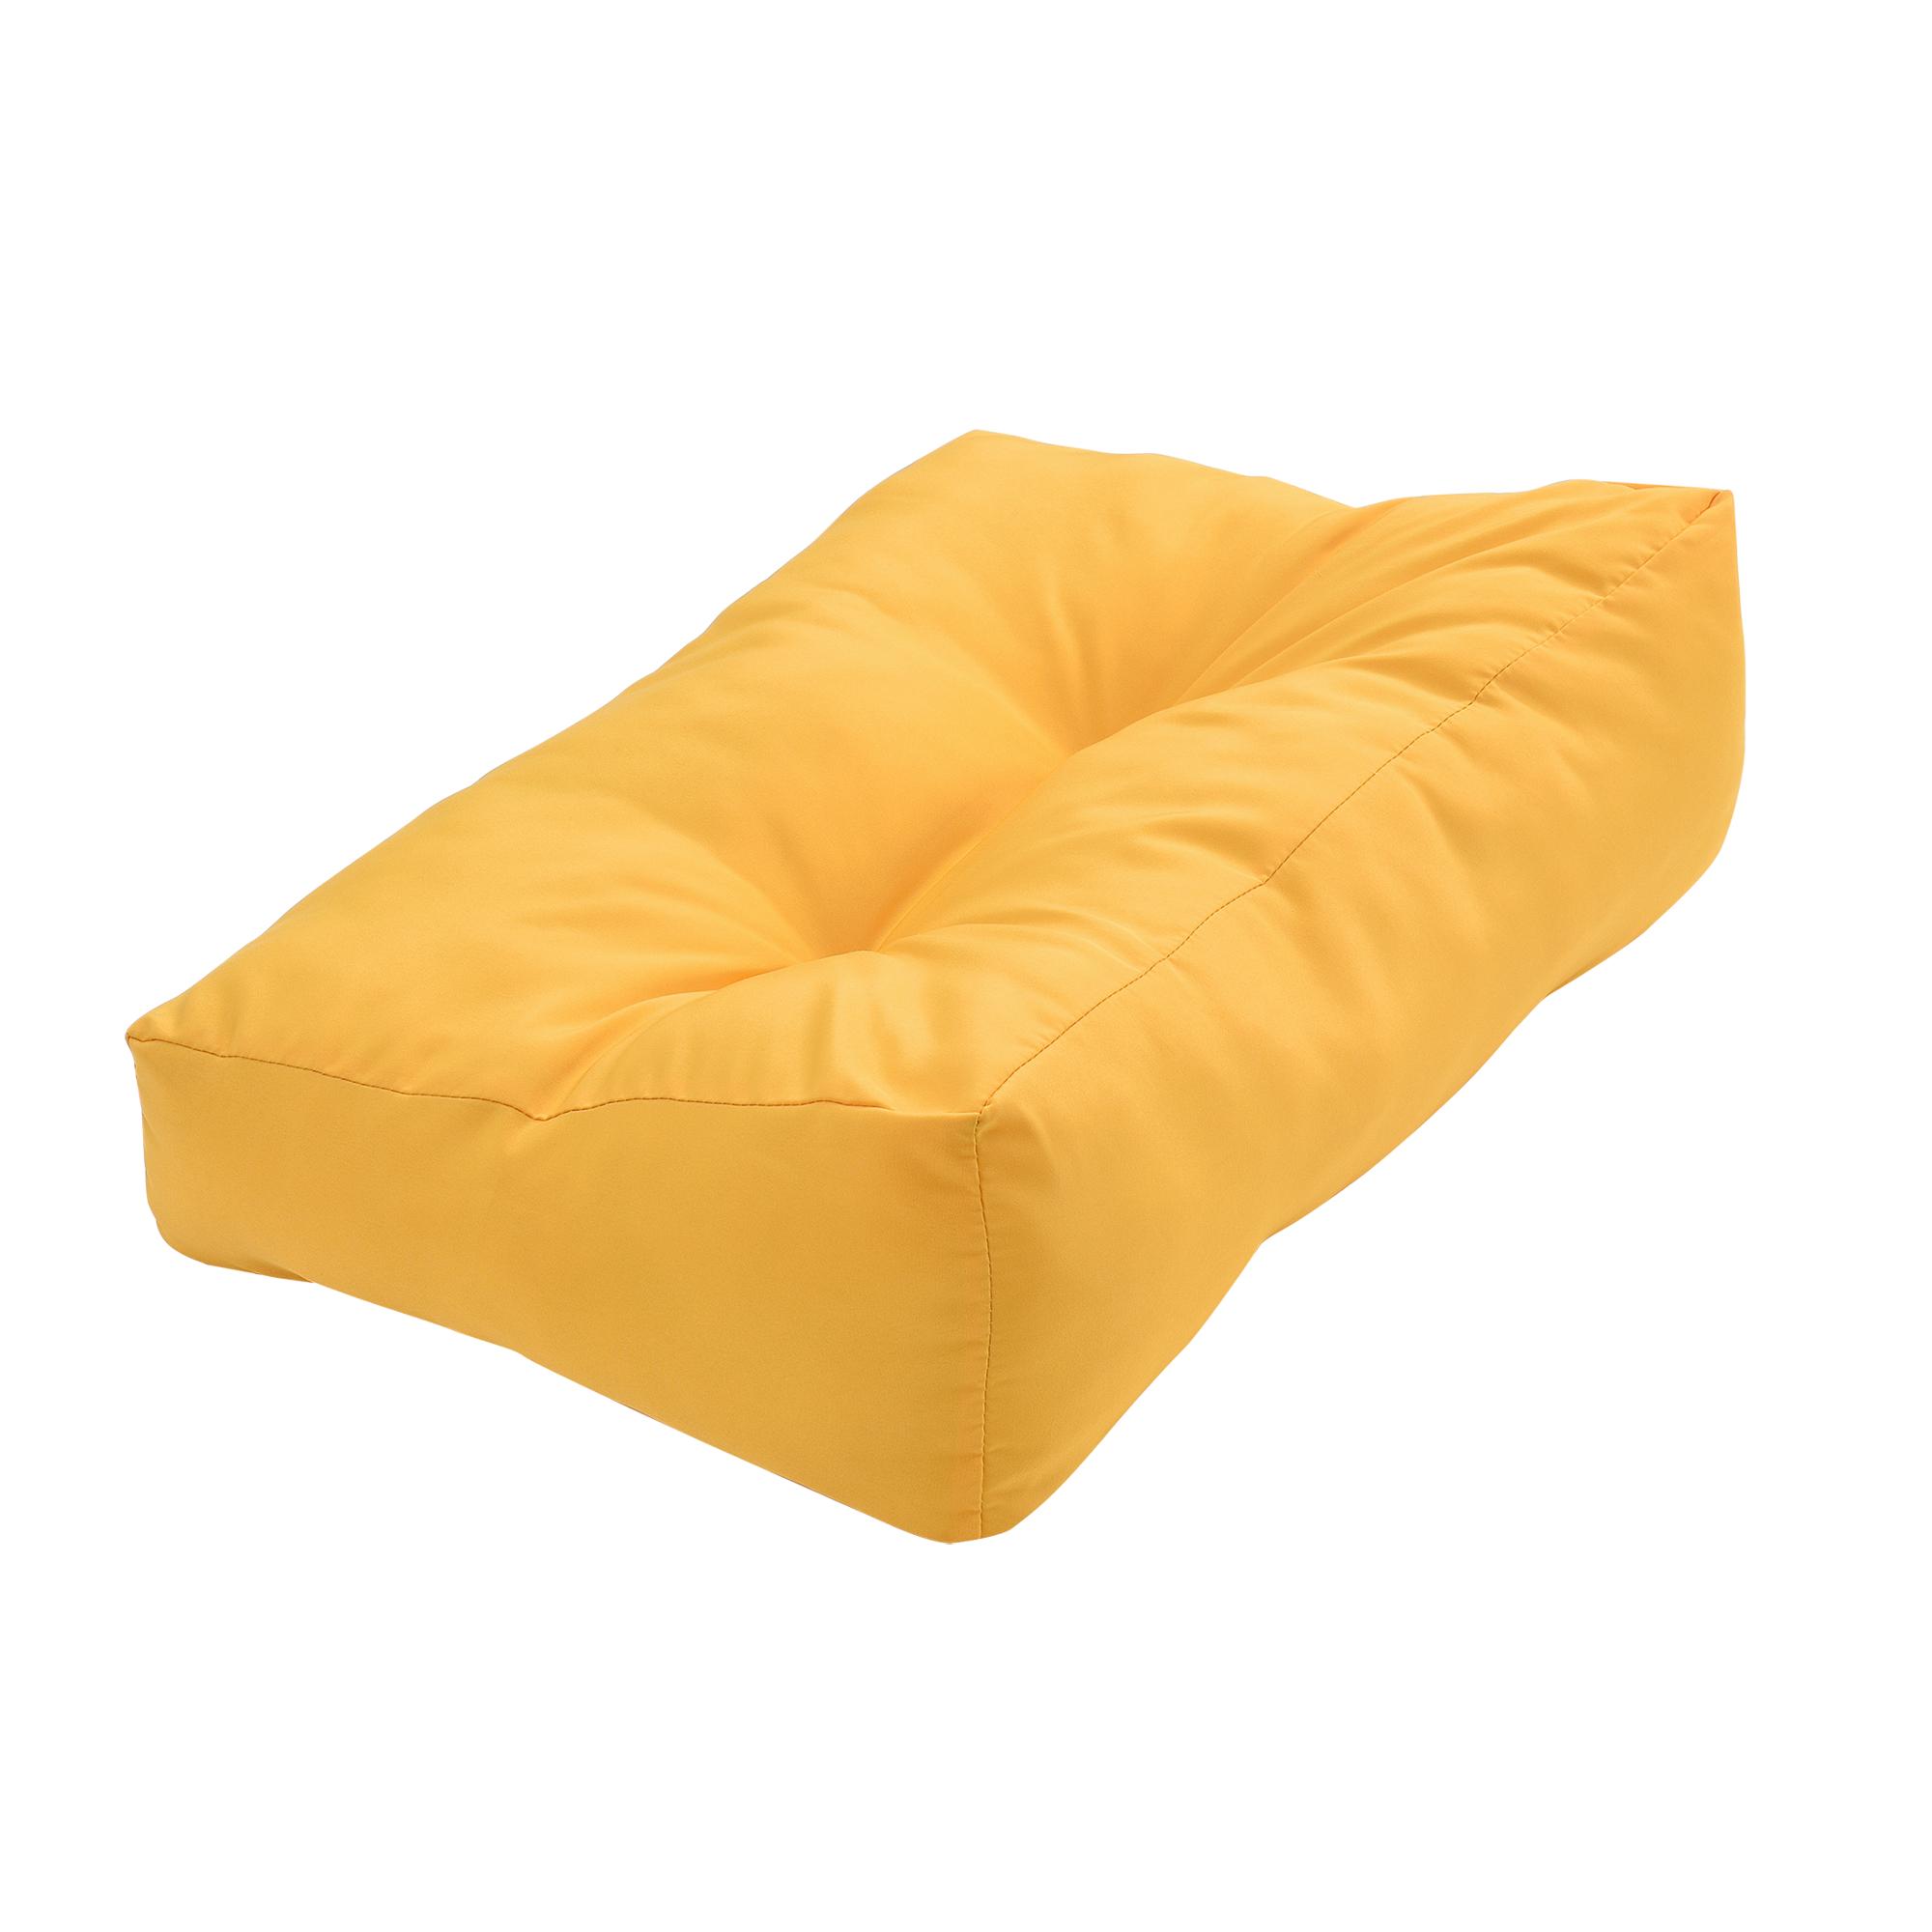 EN-casa-Cuscino-tavolozze-In-Outdoor-tavolozze-Cuscino-Divano-Cuscino-seduta